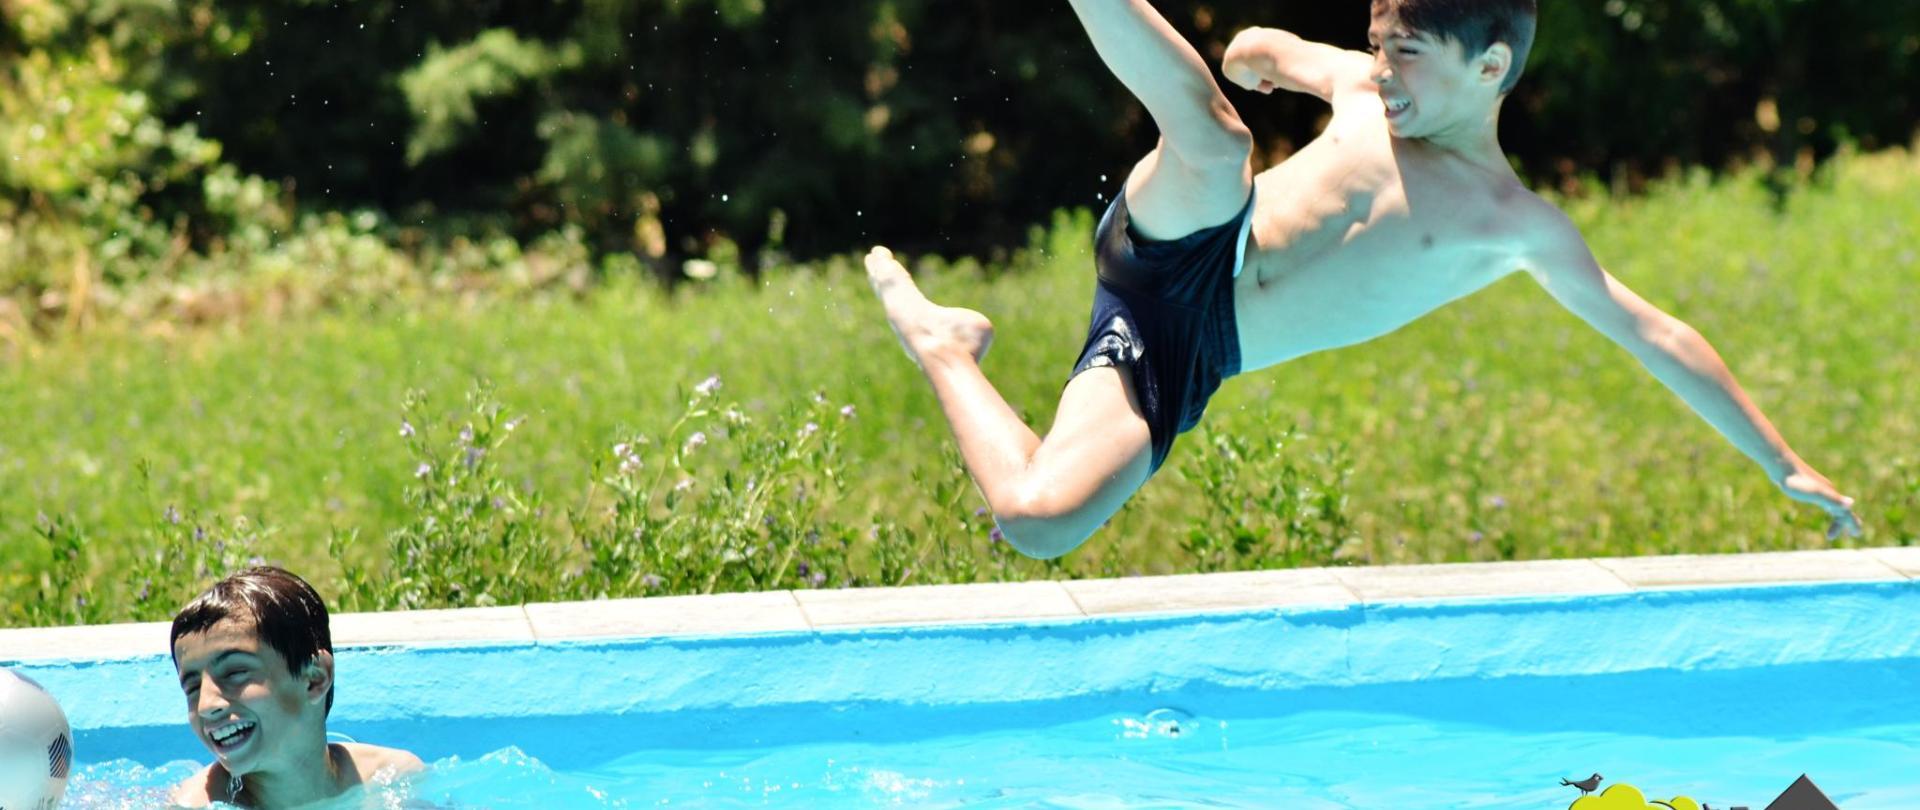 piscina8-casarurallazafrilla.jerezdeloscaballeros.jpg.JPG